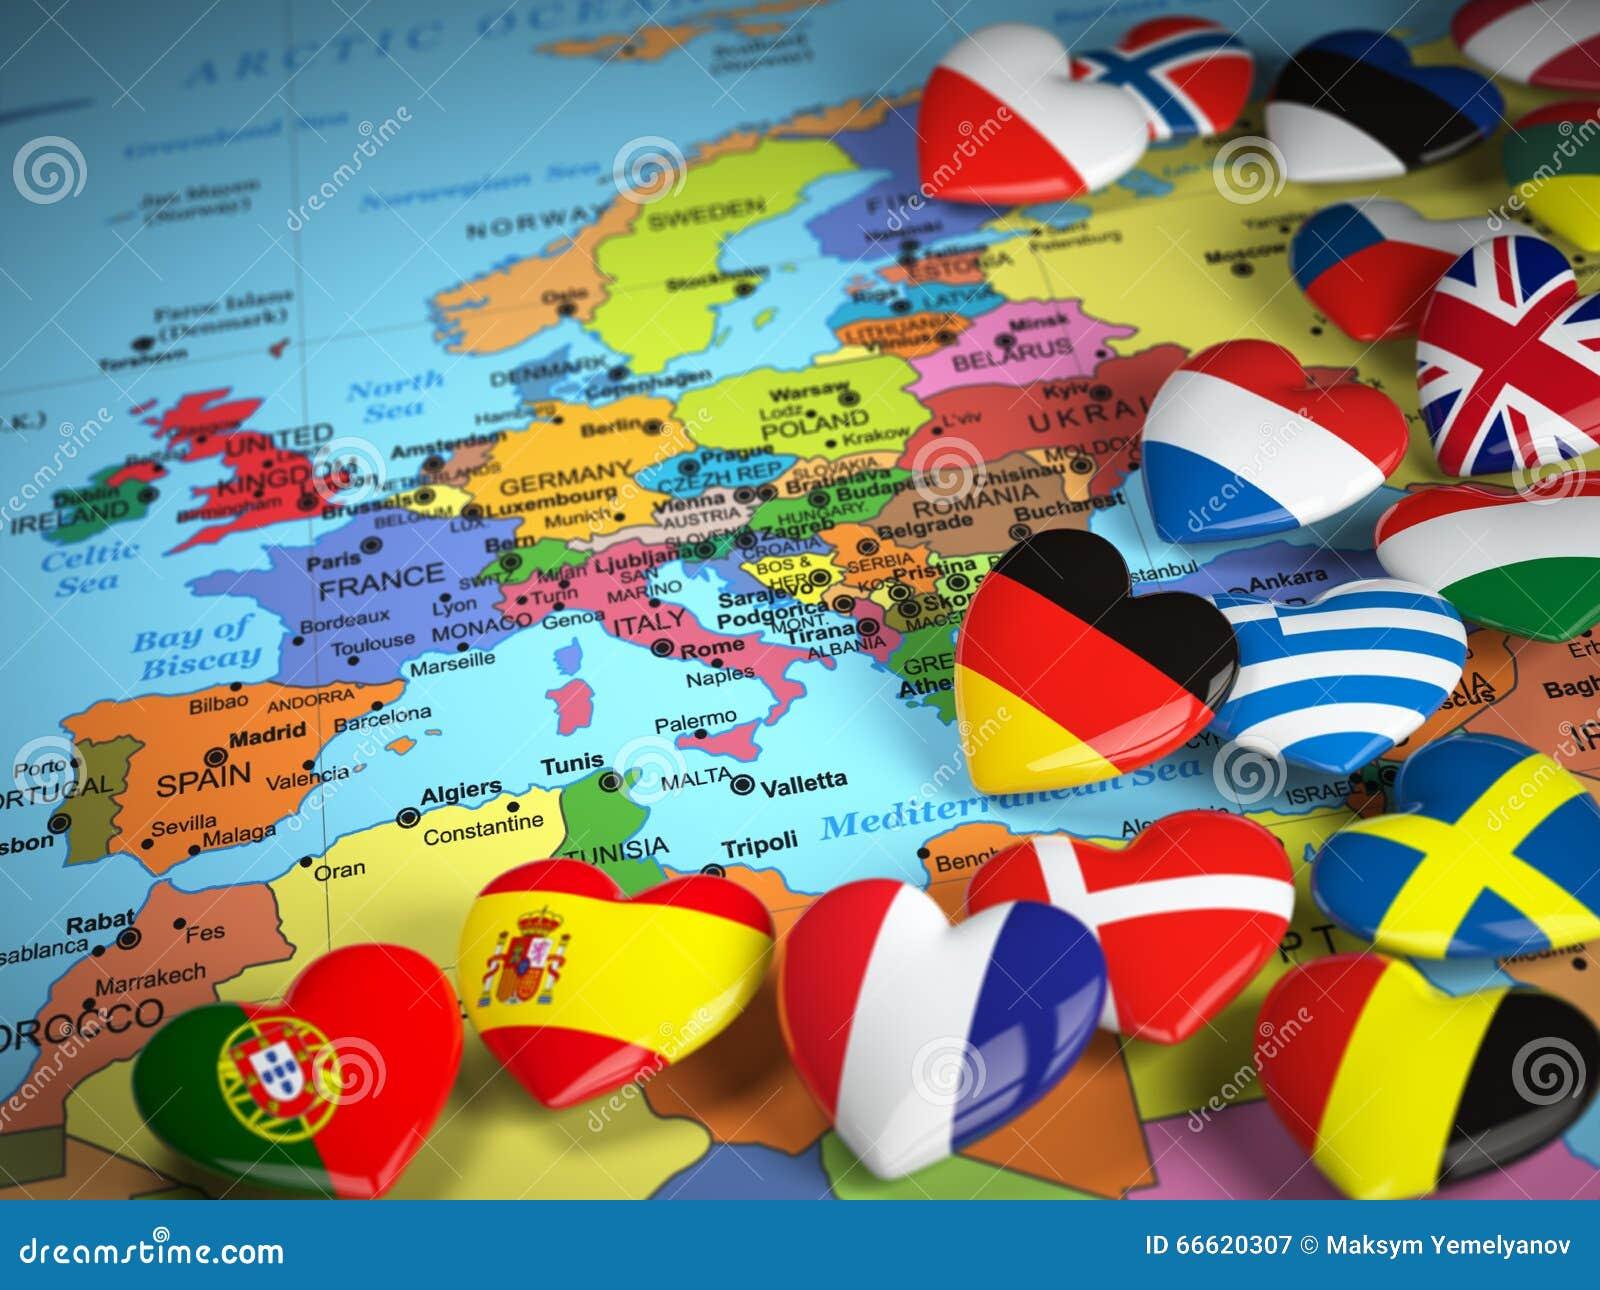 reise eu konzept karte von europa und von herzen mit flaggen von europa stock abbildung bild. Black Bedroom Furniture Sets. Home Design Ideas